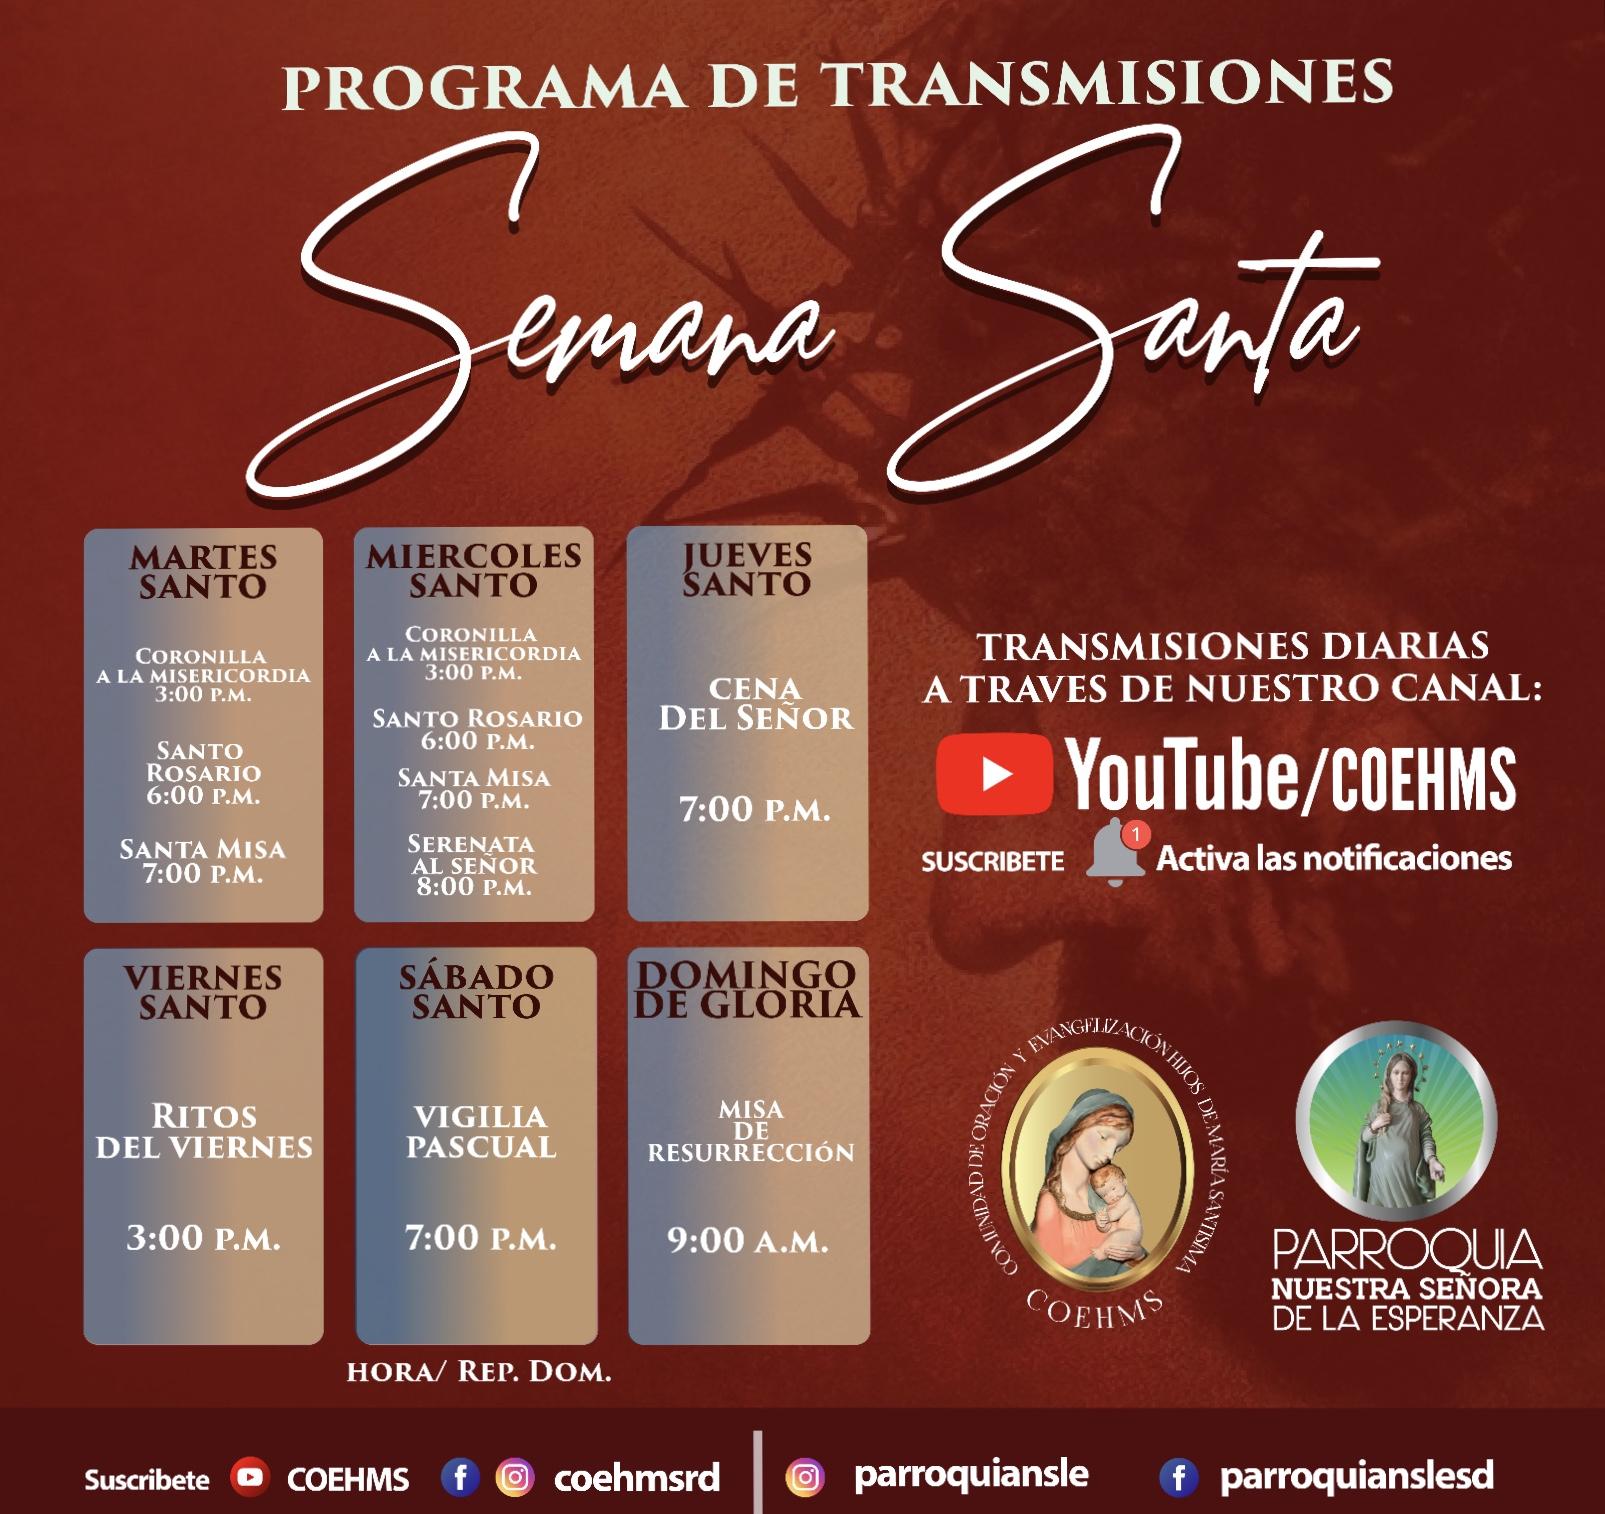 PROGRAMA DE TRANSMISIONES DE SEMANA SANTA